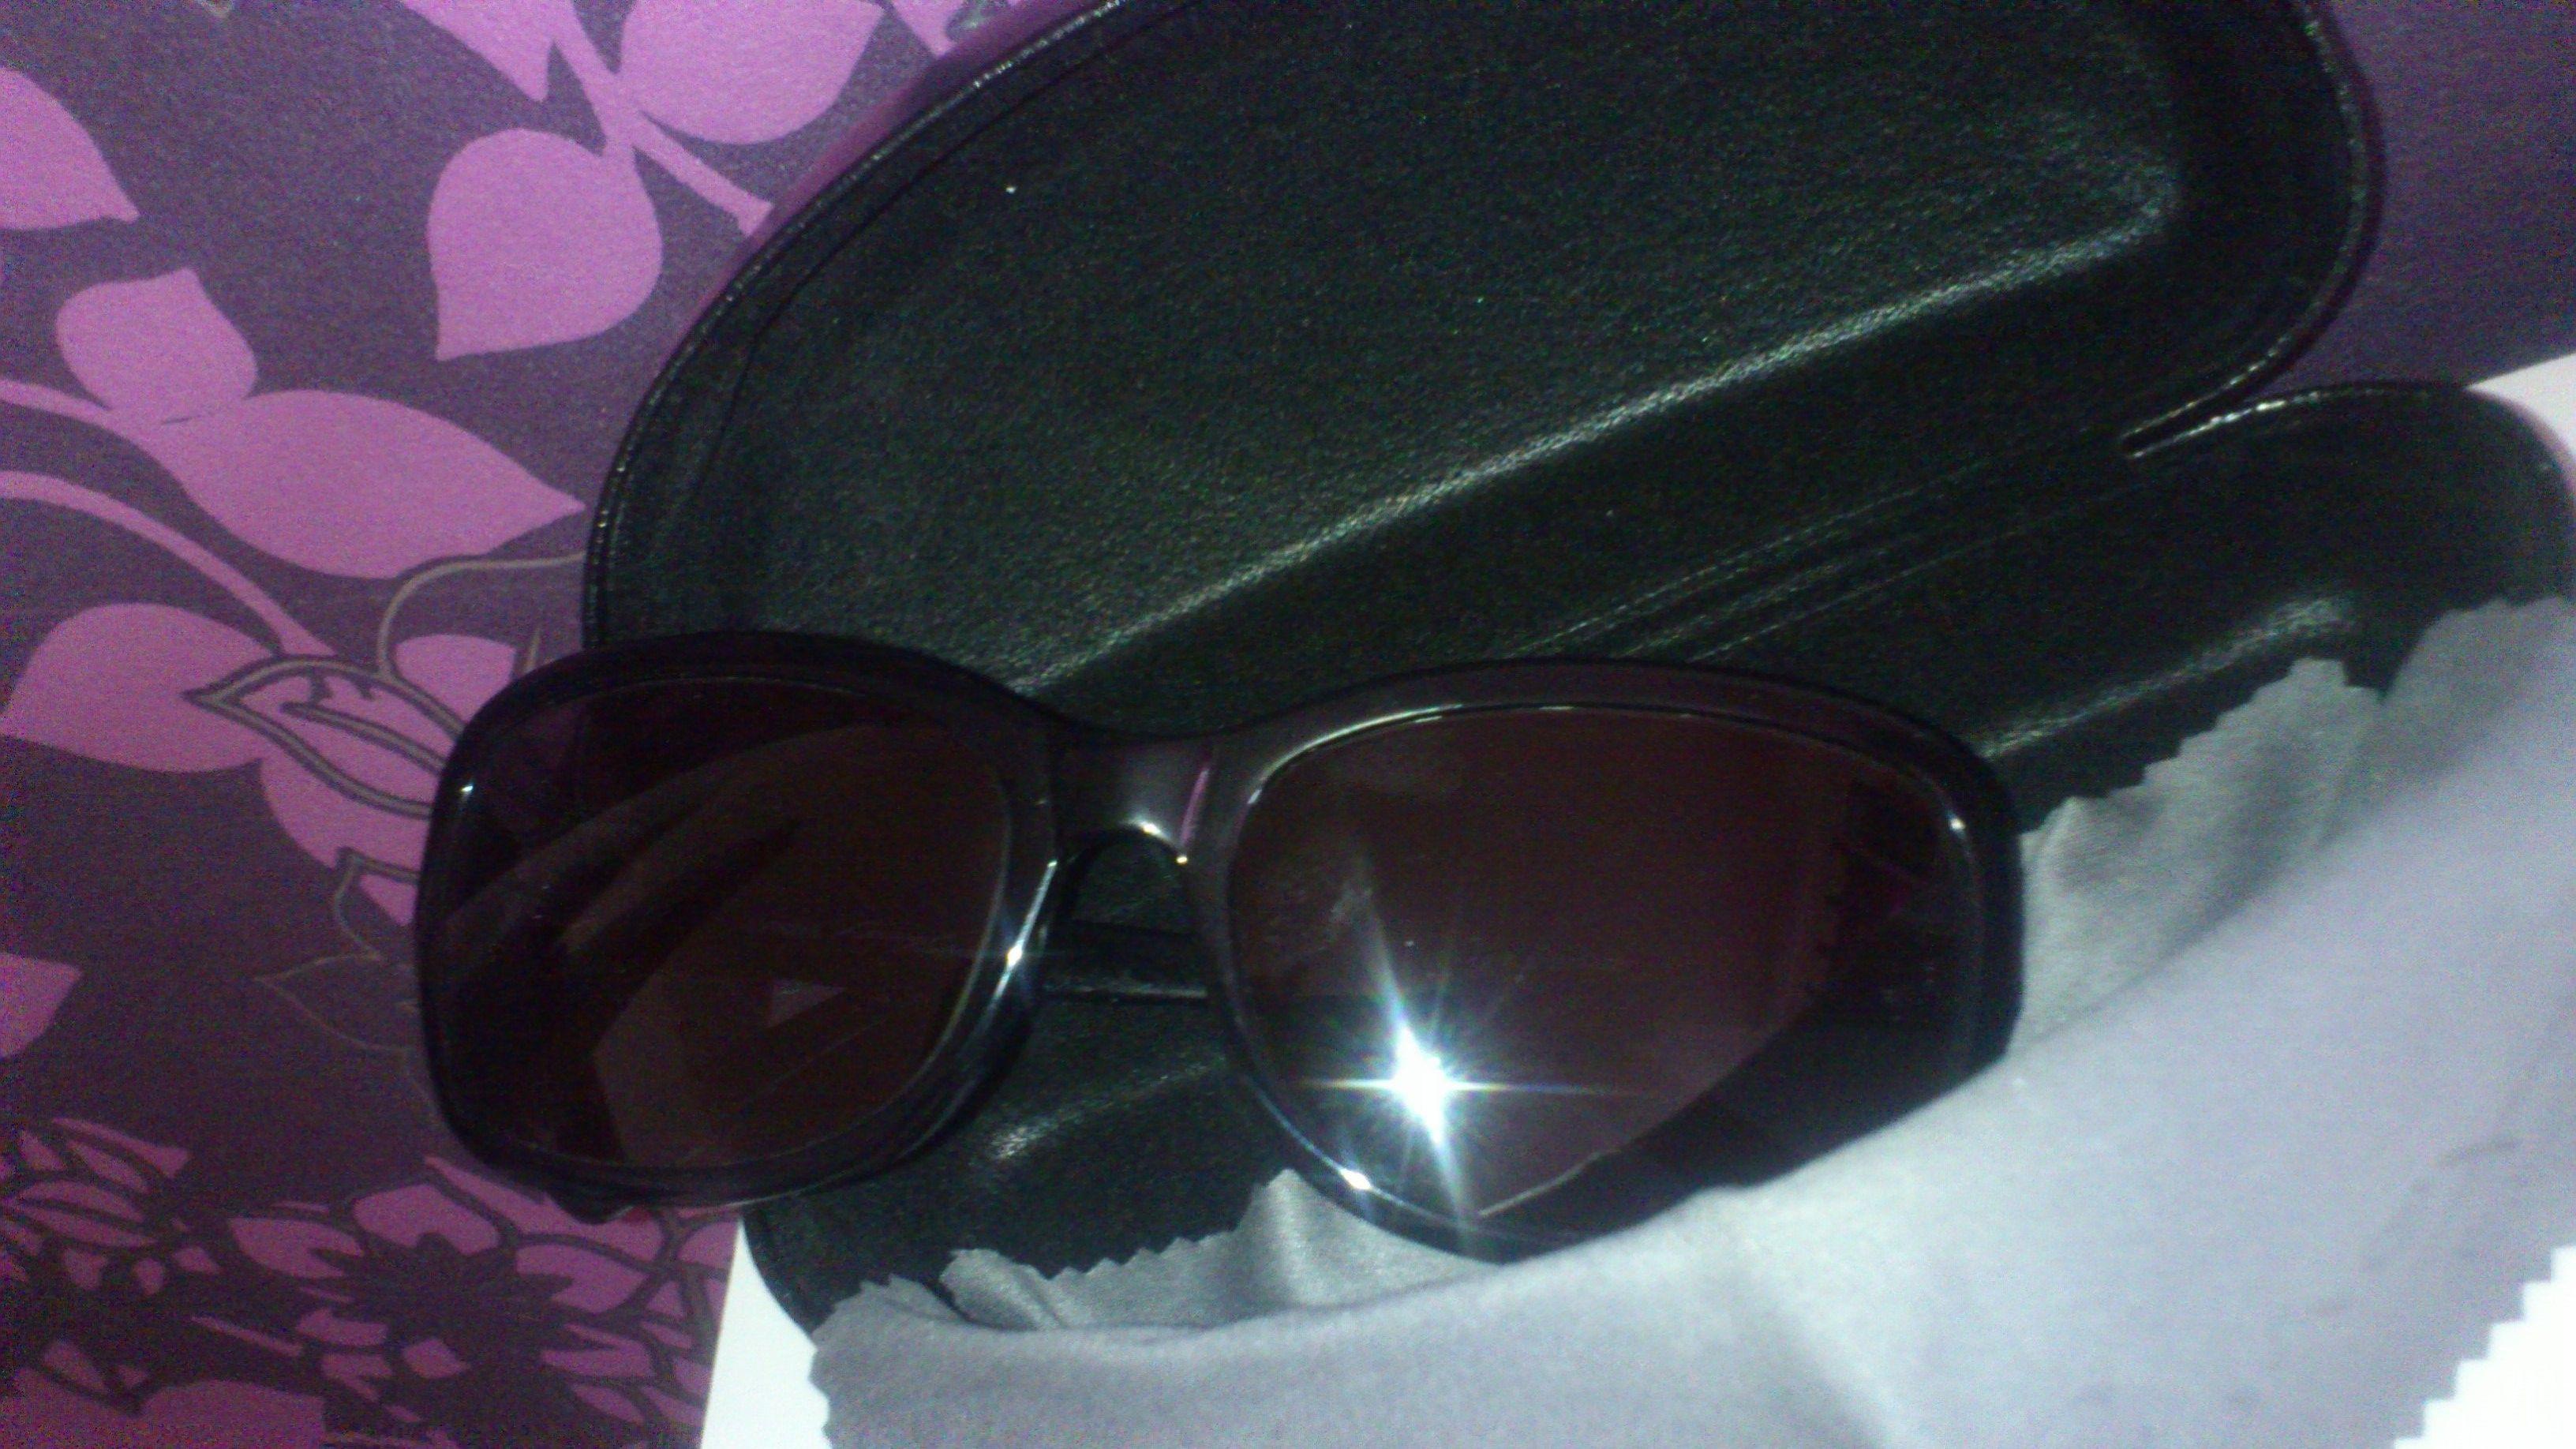 LENSBEST Sonnenbrille mit Sehstärke http://brico28.blog.de/2013/07/04/kurzem-fand-facebook-seite-lensbest-tolle-aktion-statt-moeglichkeit-blogger-16158700/